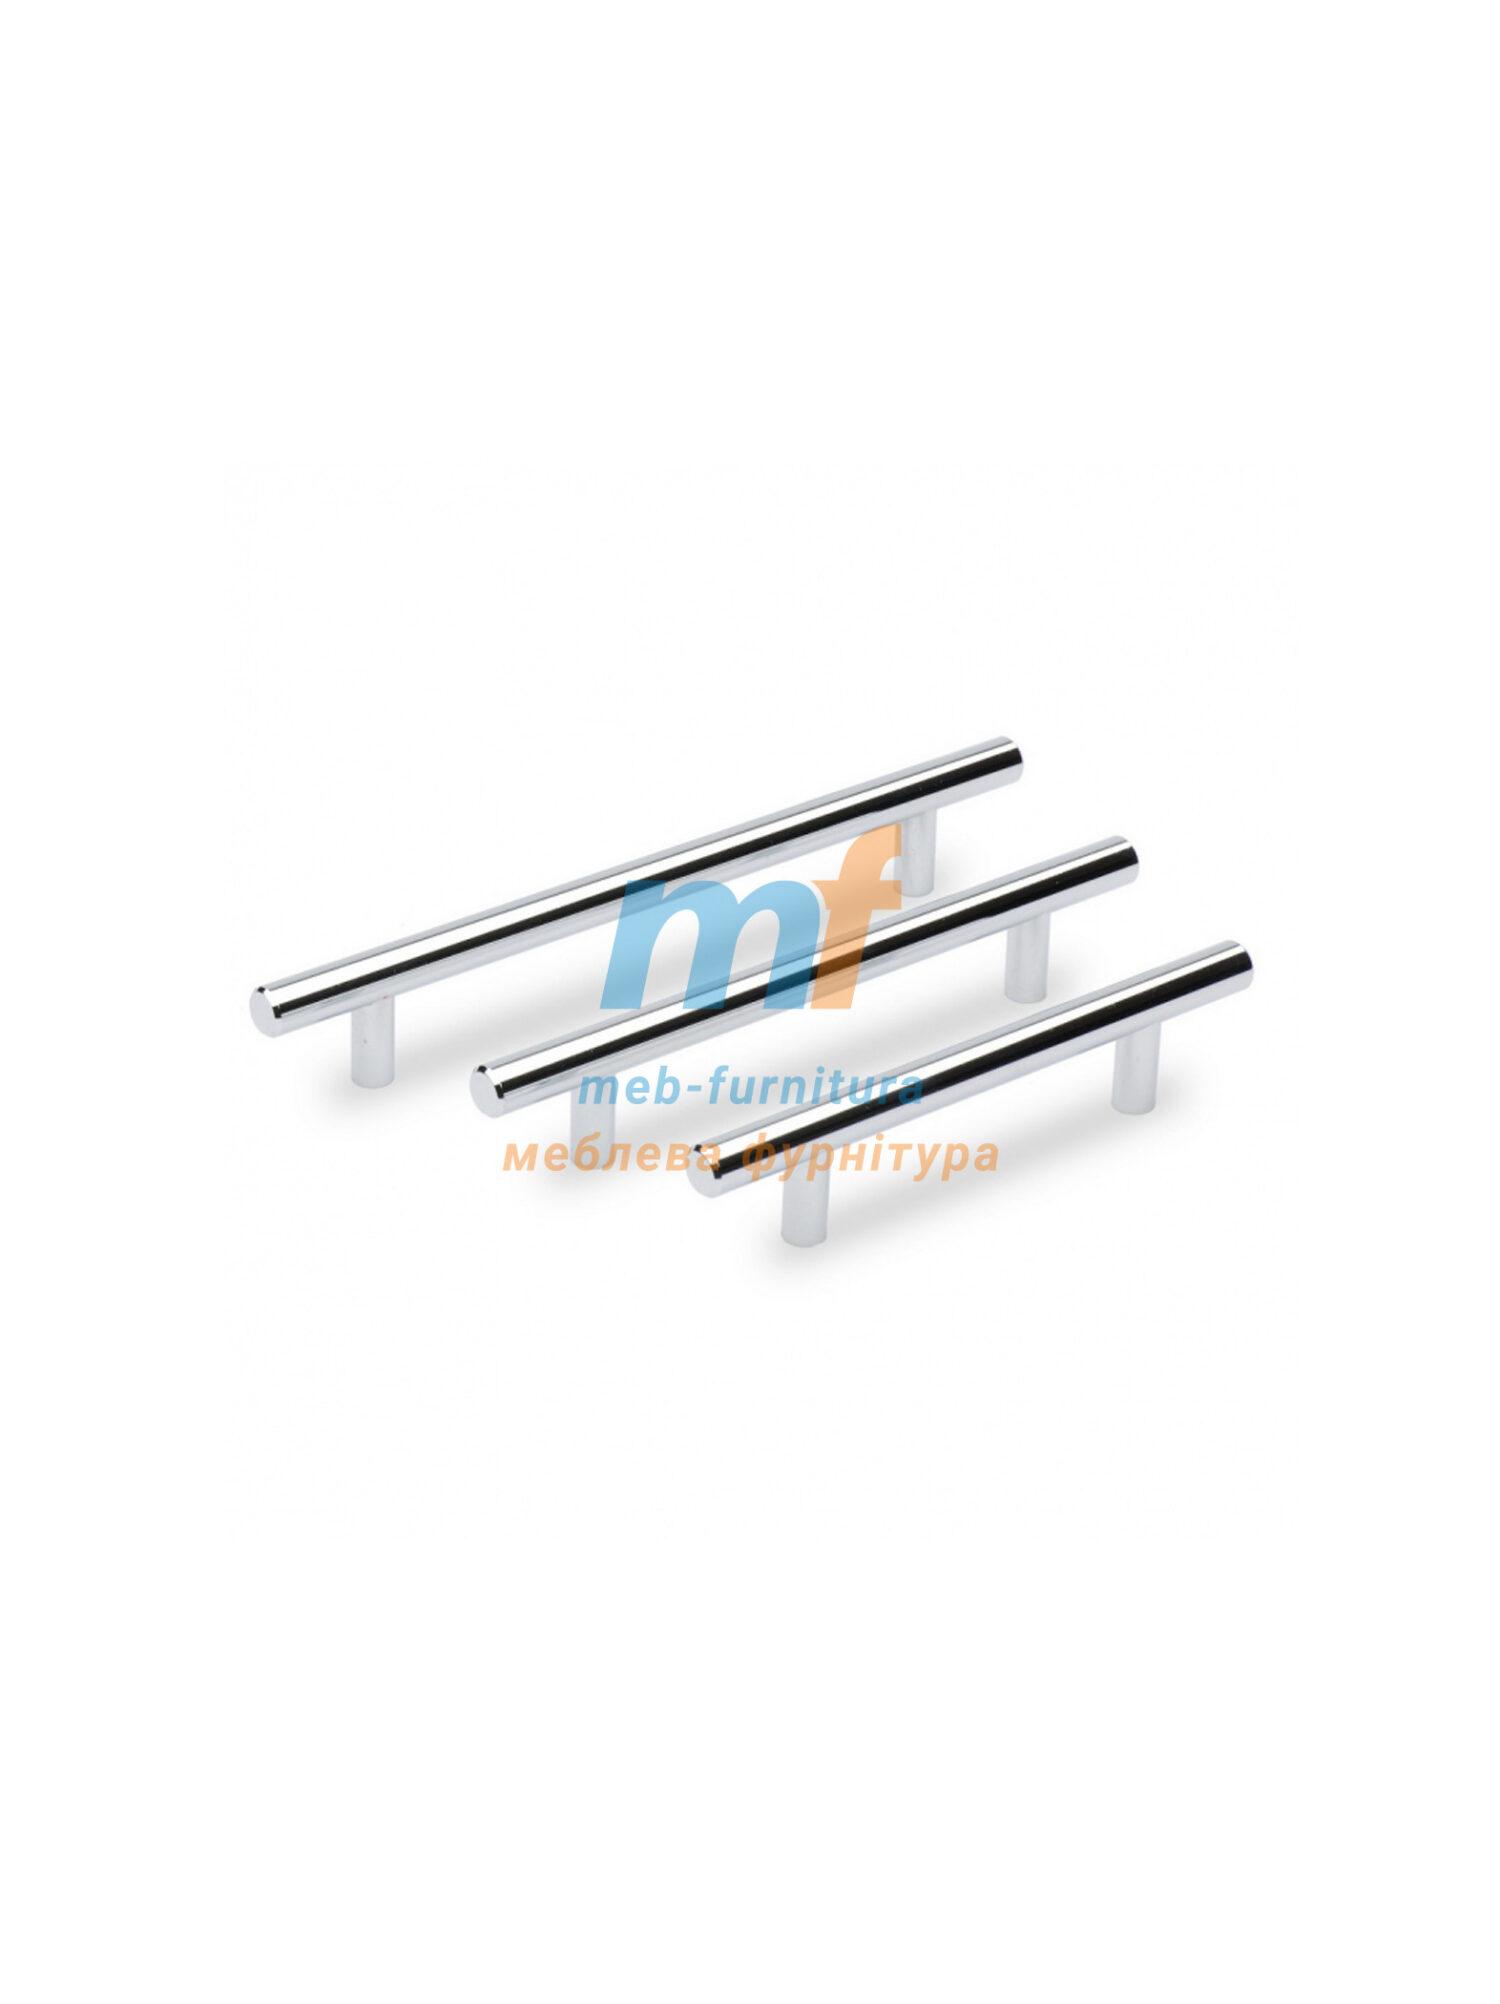 Ручка мебельная релинг 224мм - хром